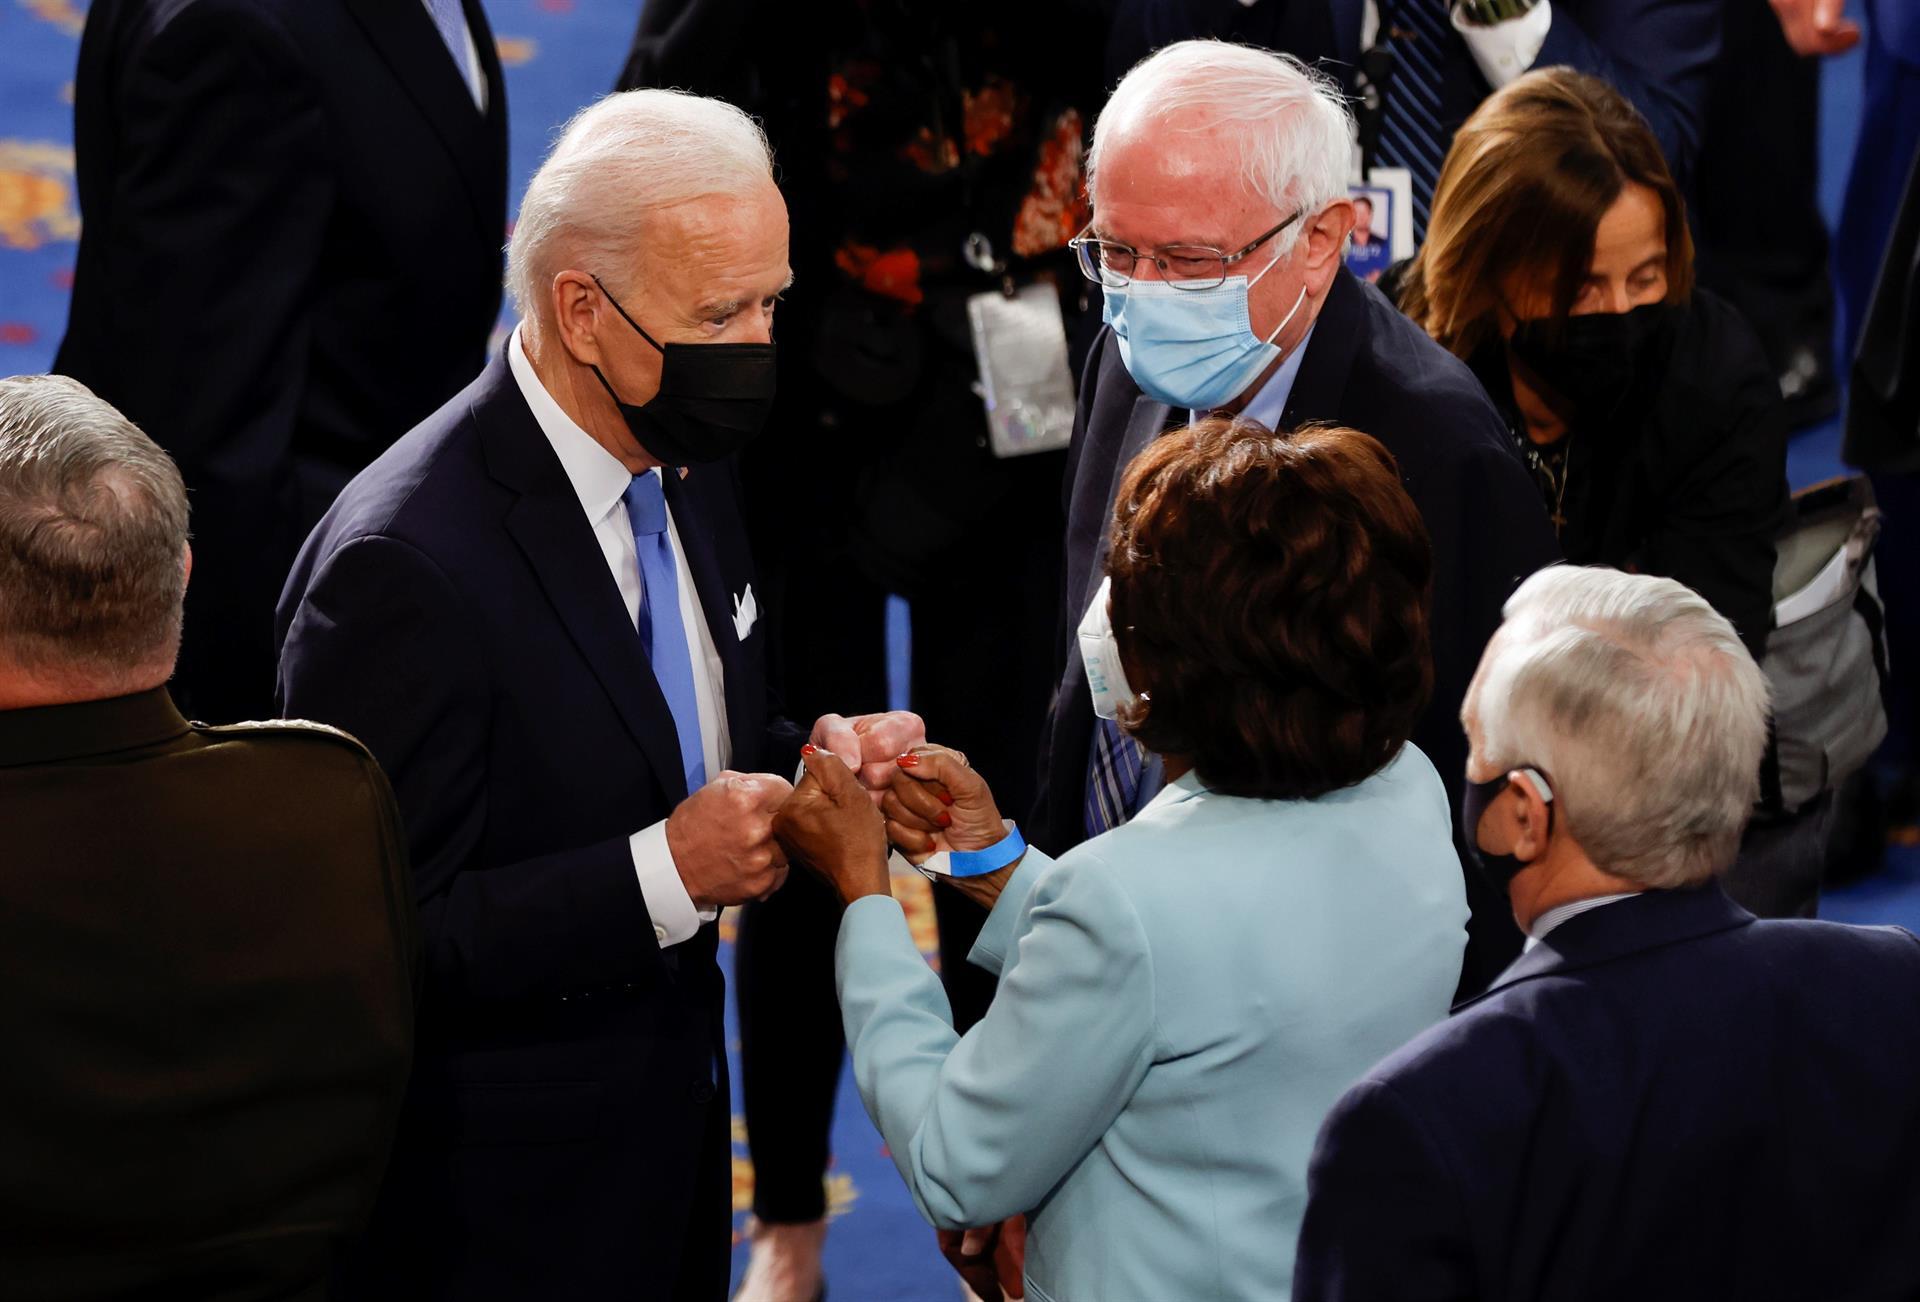 El presidente de los Estados Unidos, Joe Biden, saluda con el puño a la representante Maxine Waters mientras el senador Bernie Sanders observa tras el discurso del primero en la sesión conjunta del Congreso de los Estados Unidos en el Capitolio en Washington.- EFE